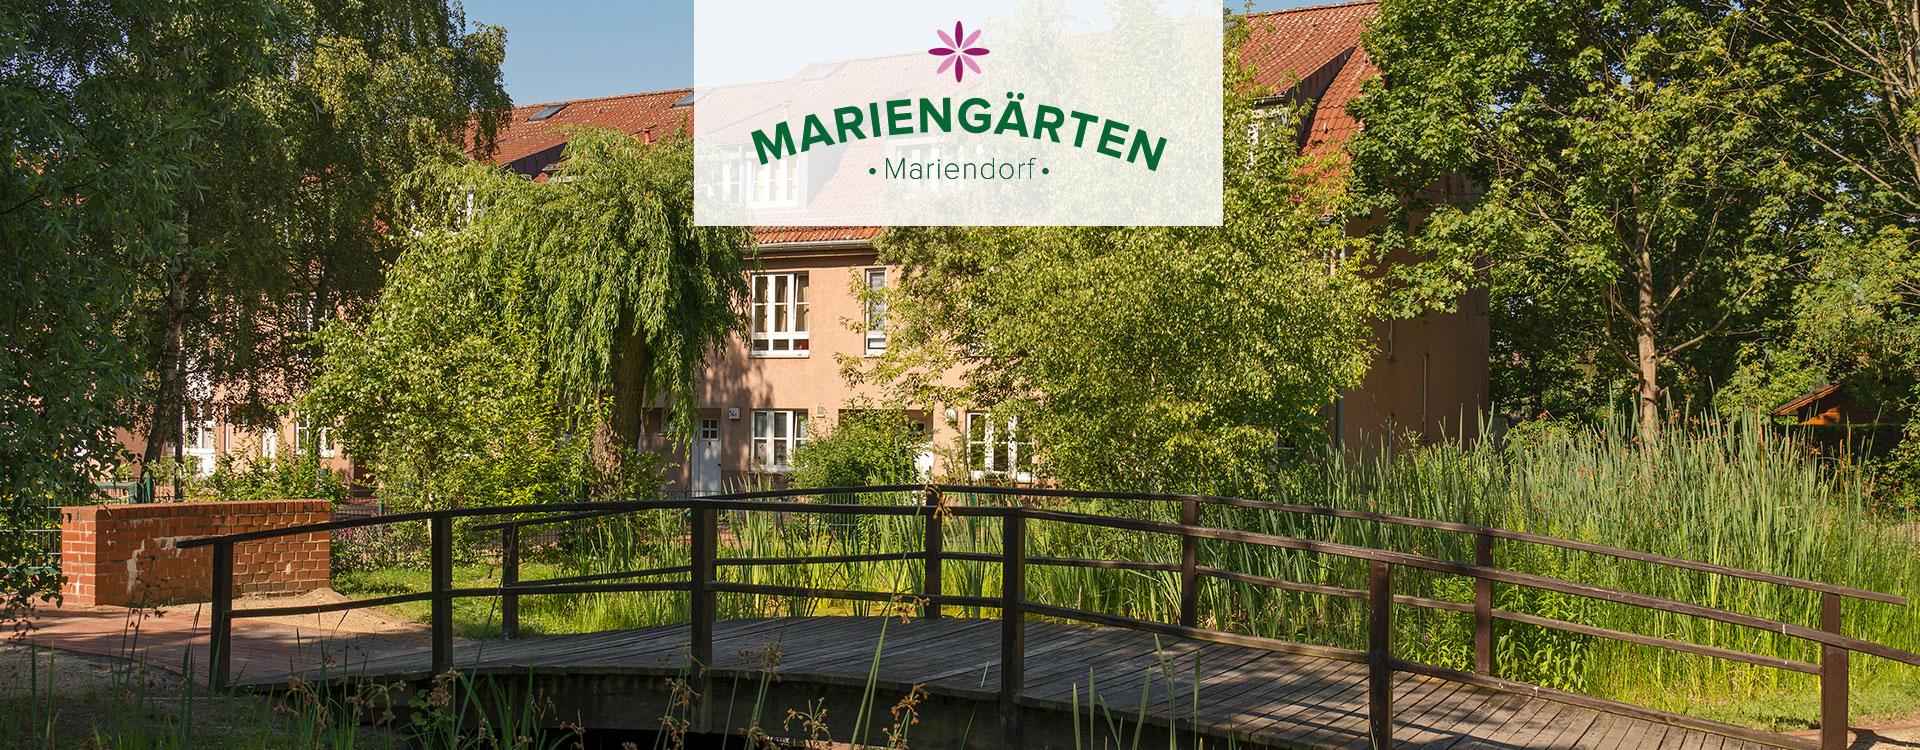 Mariengärten Wohnungen in Berlin kaufen